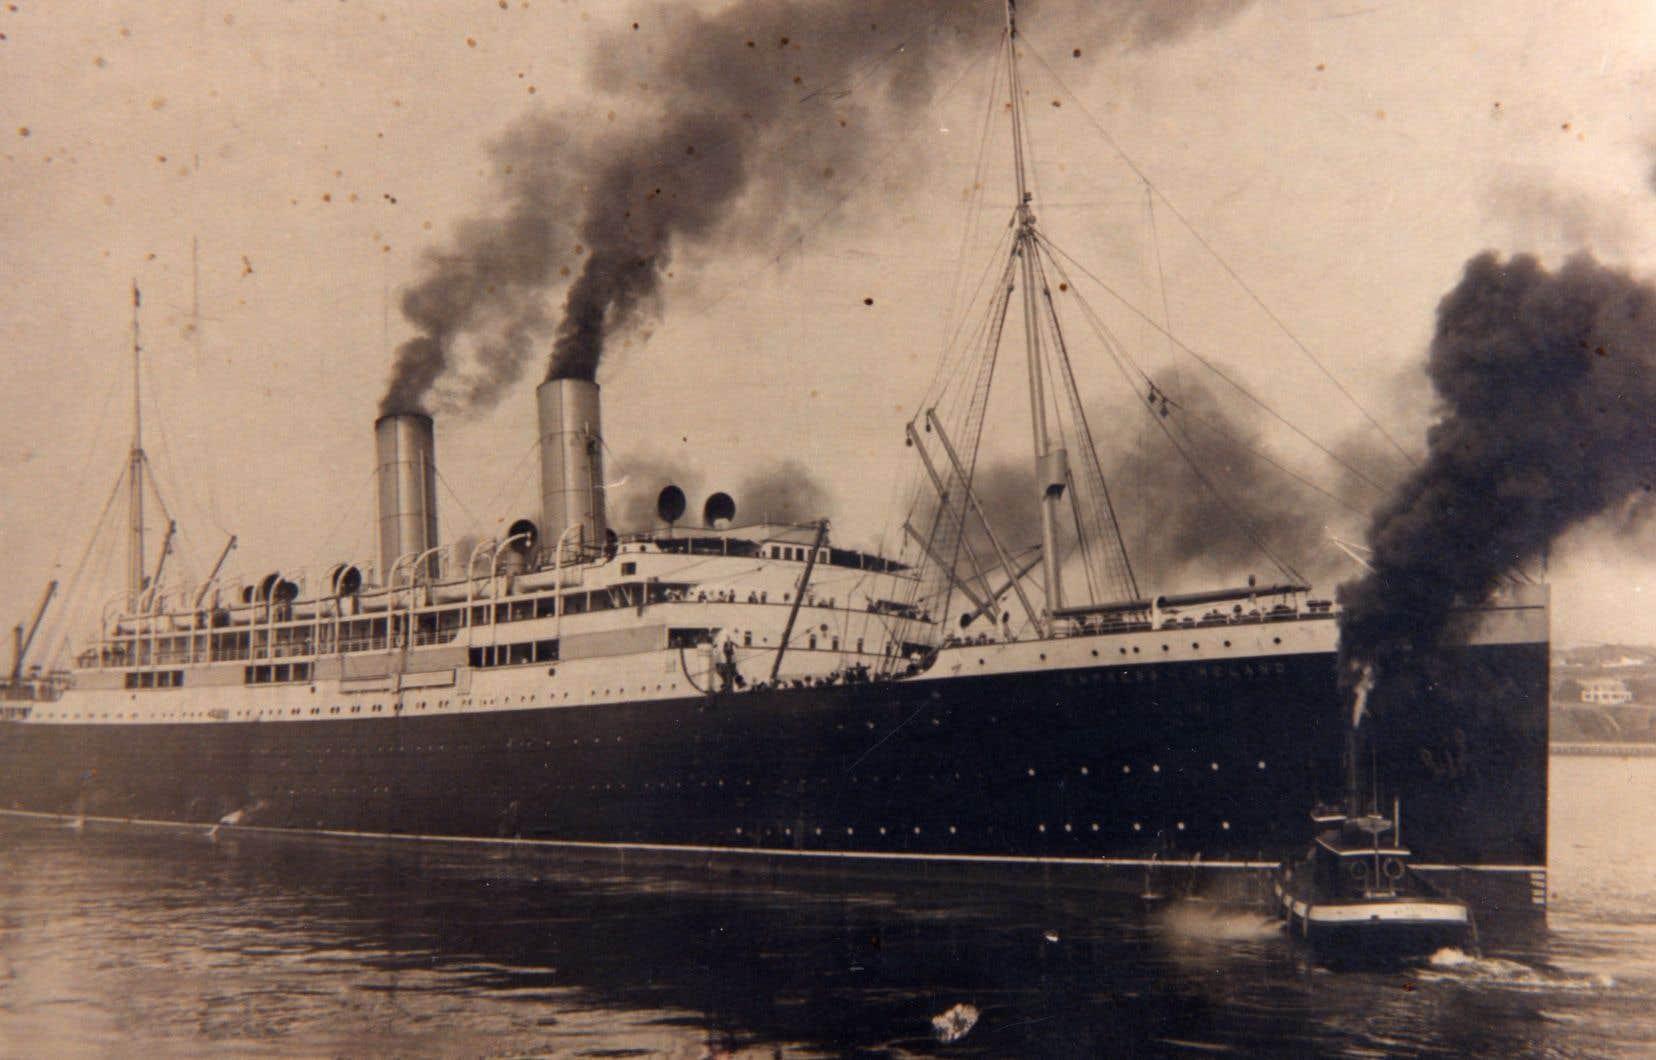 La catastrophe maritime est la plus importante de l'histoire du Canada. Elle a fait plus de mille morts parmi les quelque 1500 passagers du paquebot parti de Québec pour rejoindre Liverpool.